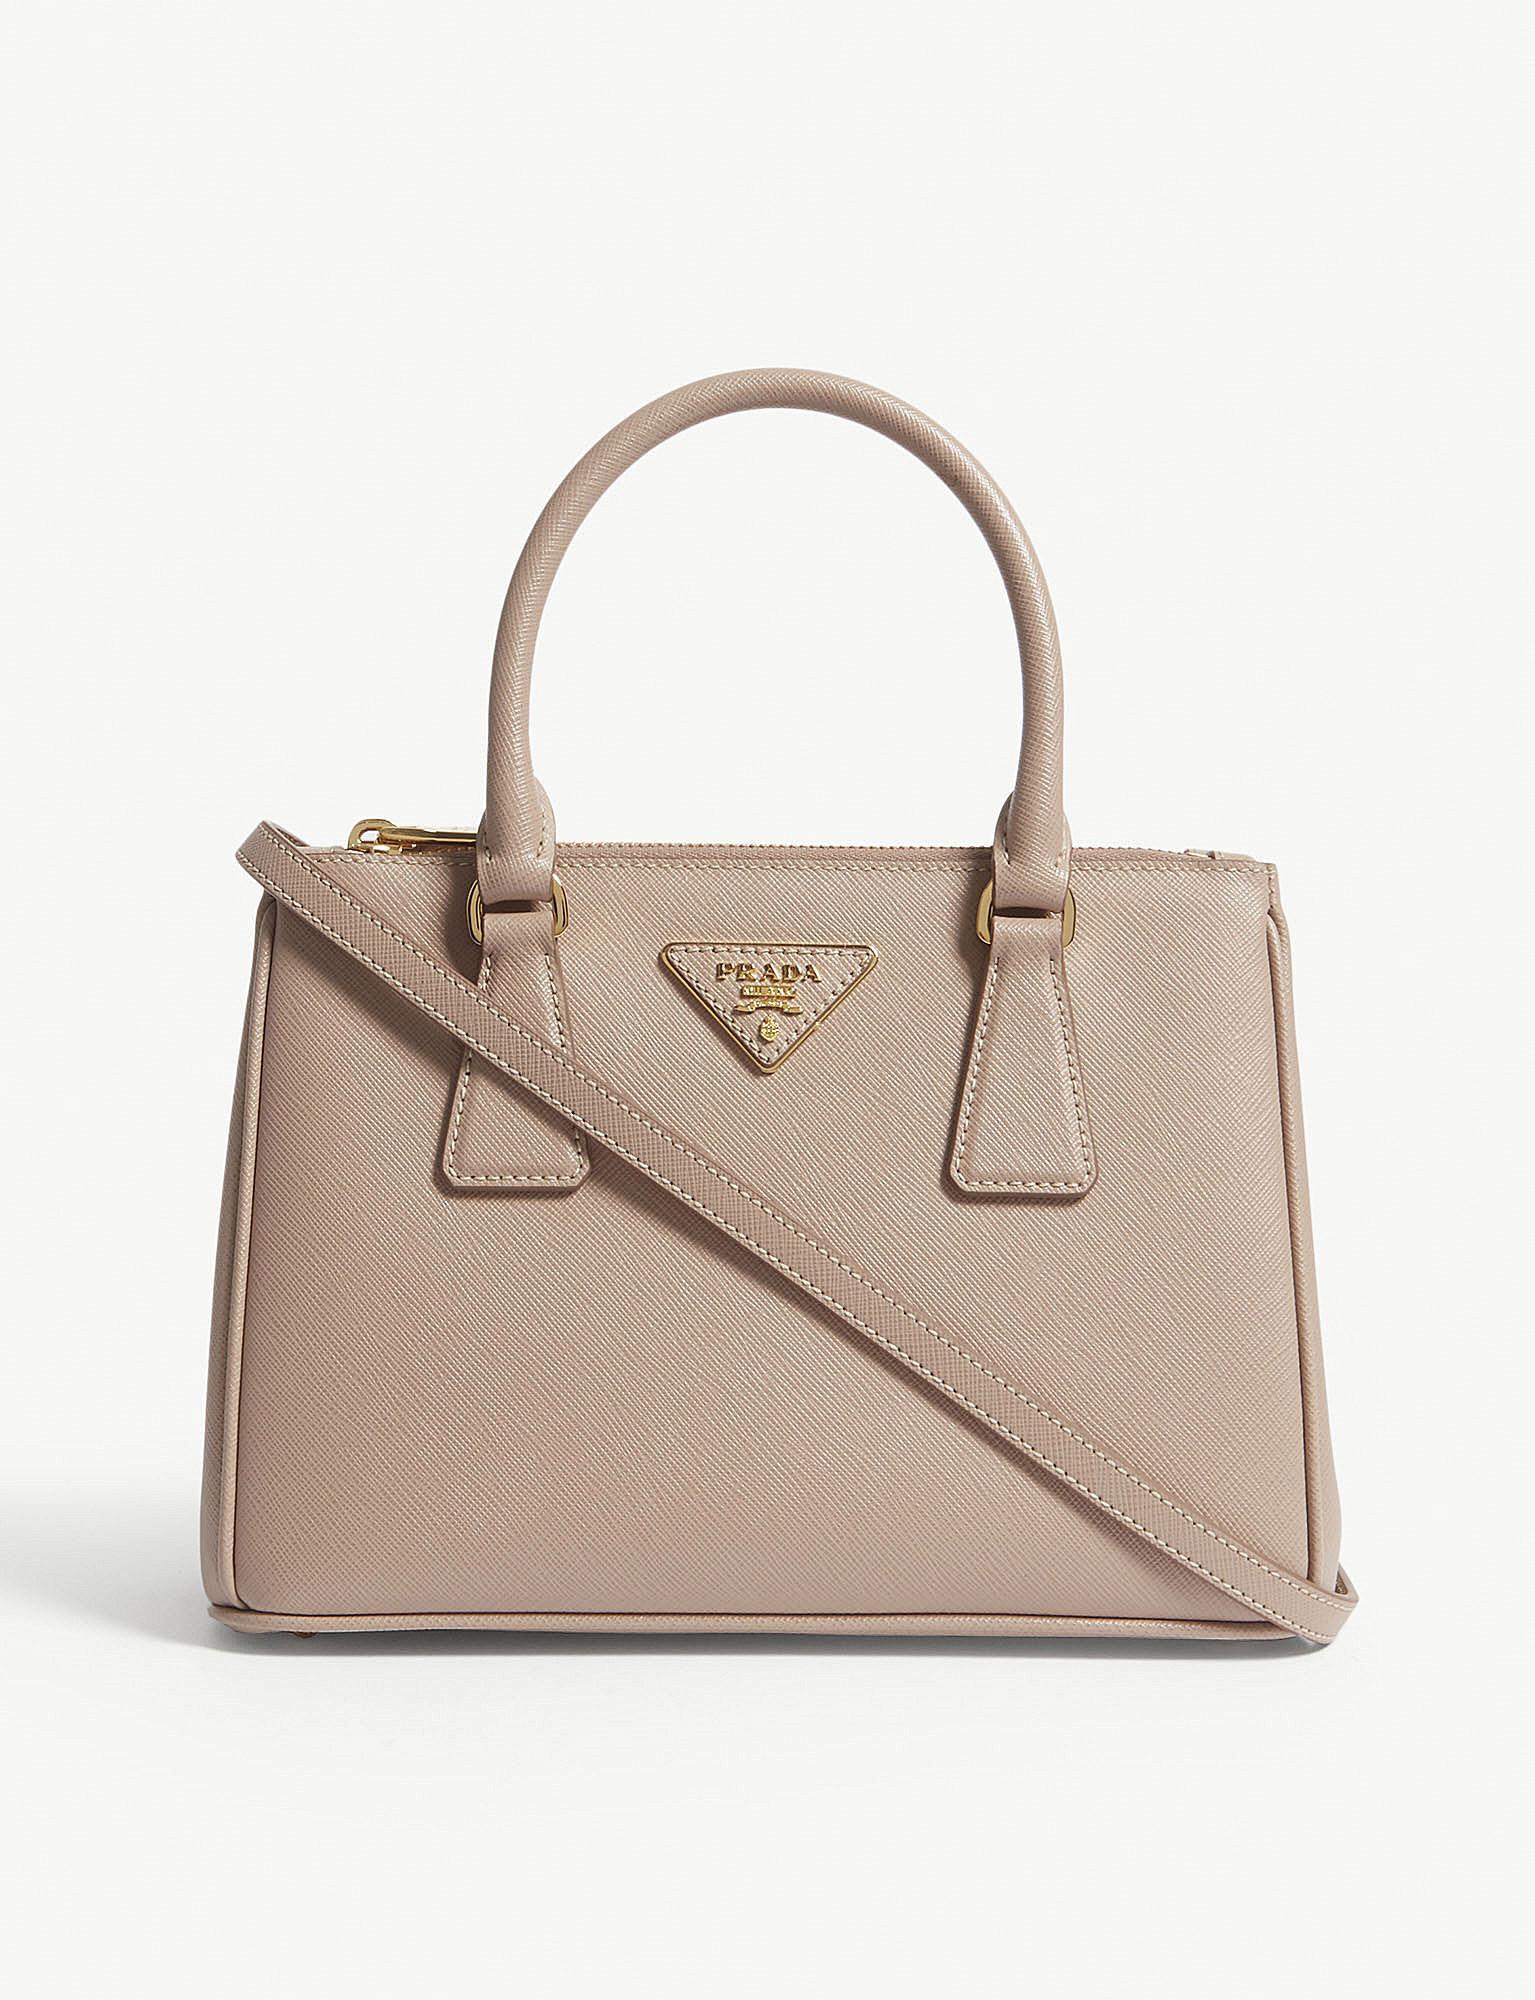 3c85974eb6e3 Lyst - Prada Cipria Pink Galleria Mini Leather Tote Bag in Pink